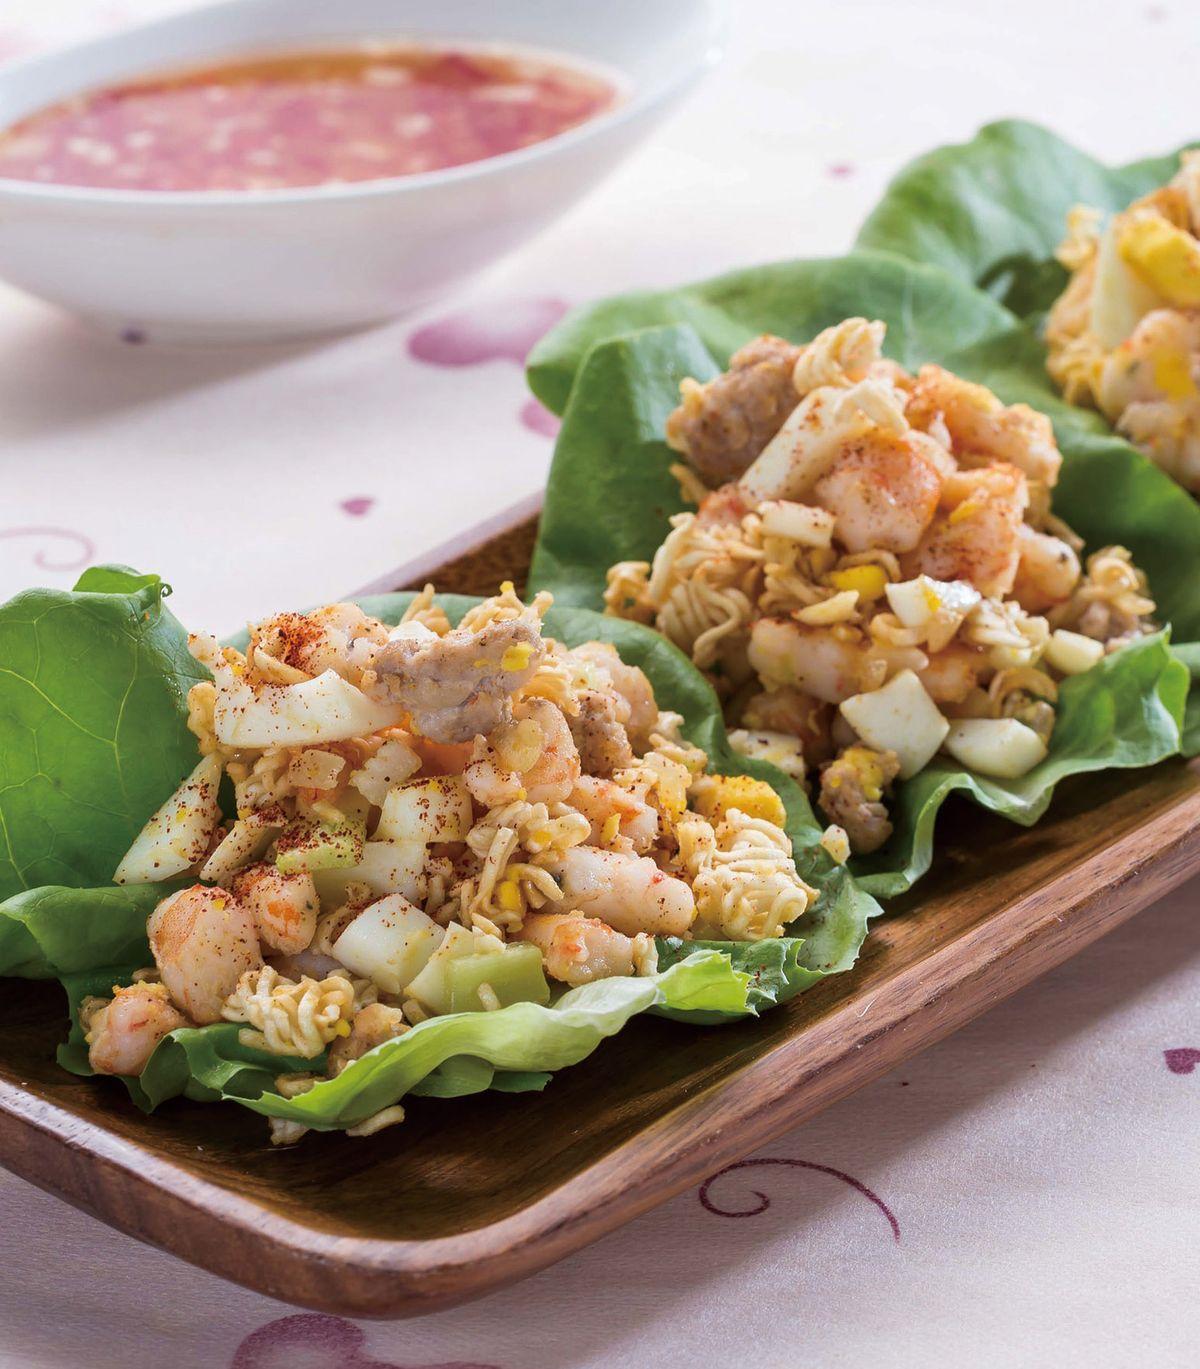 食譜:水煮蛋科學麵蝦鬆